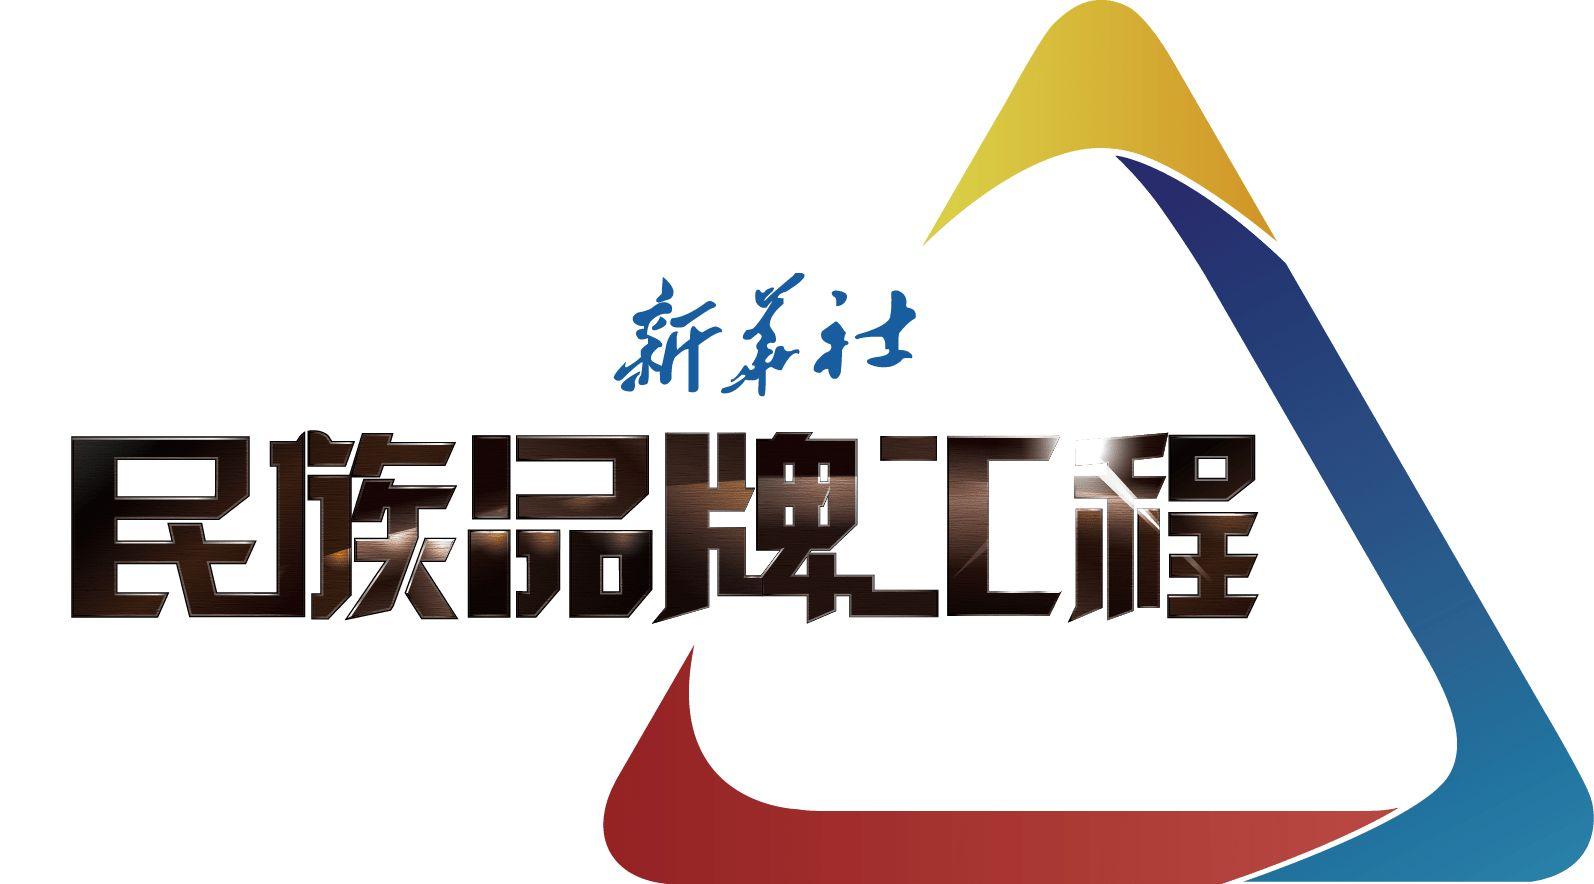 赞!新华社民族品牌工程朋友圈